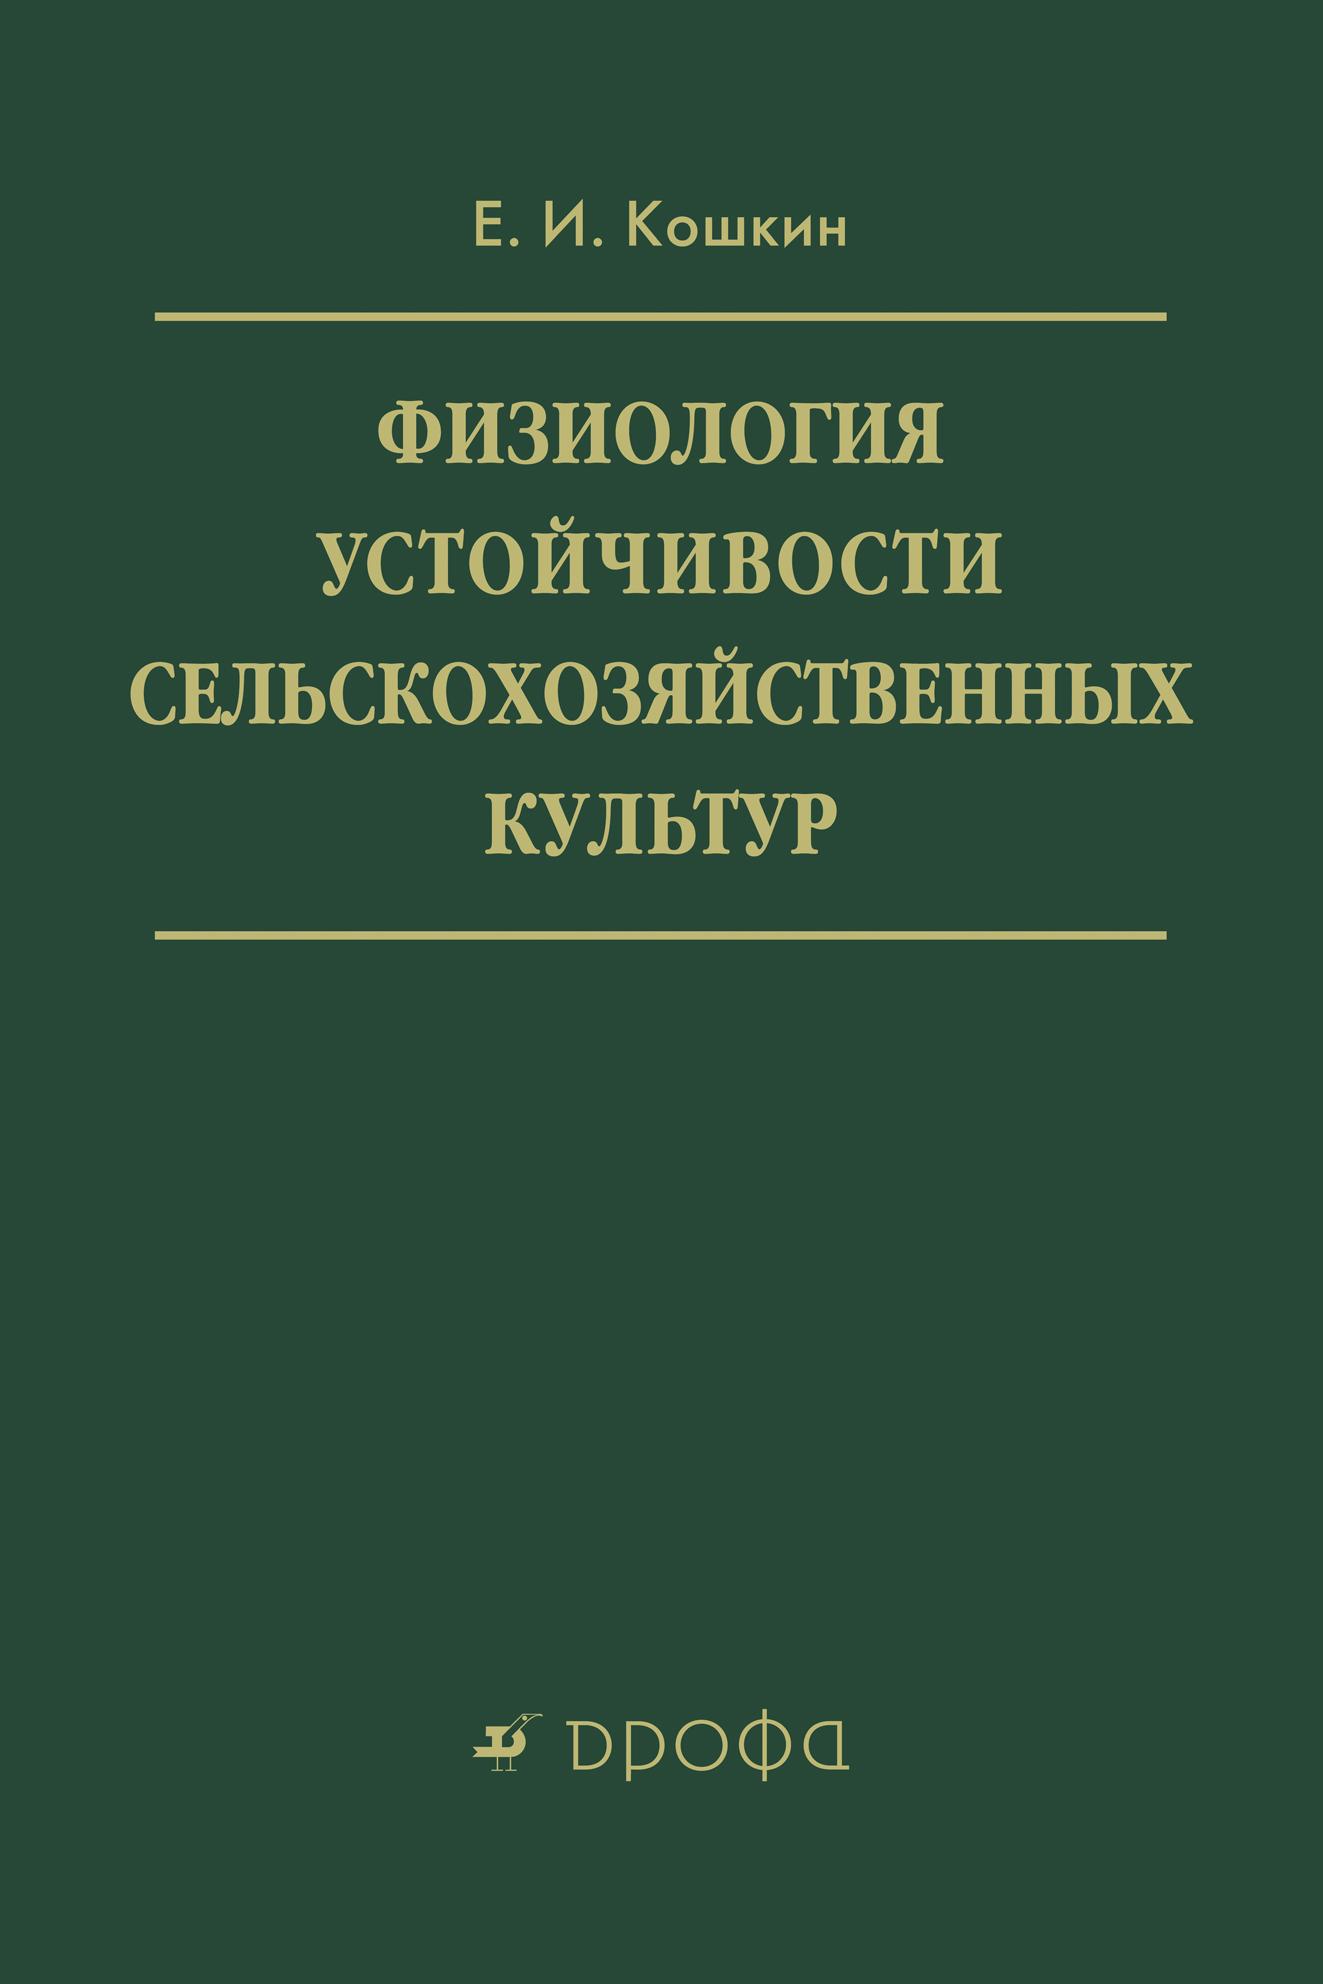 Е. И. Кошкин Физиология устойчивости сельскохозяйственных культур